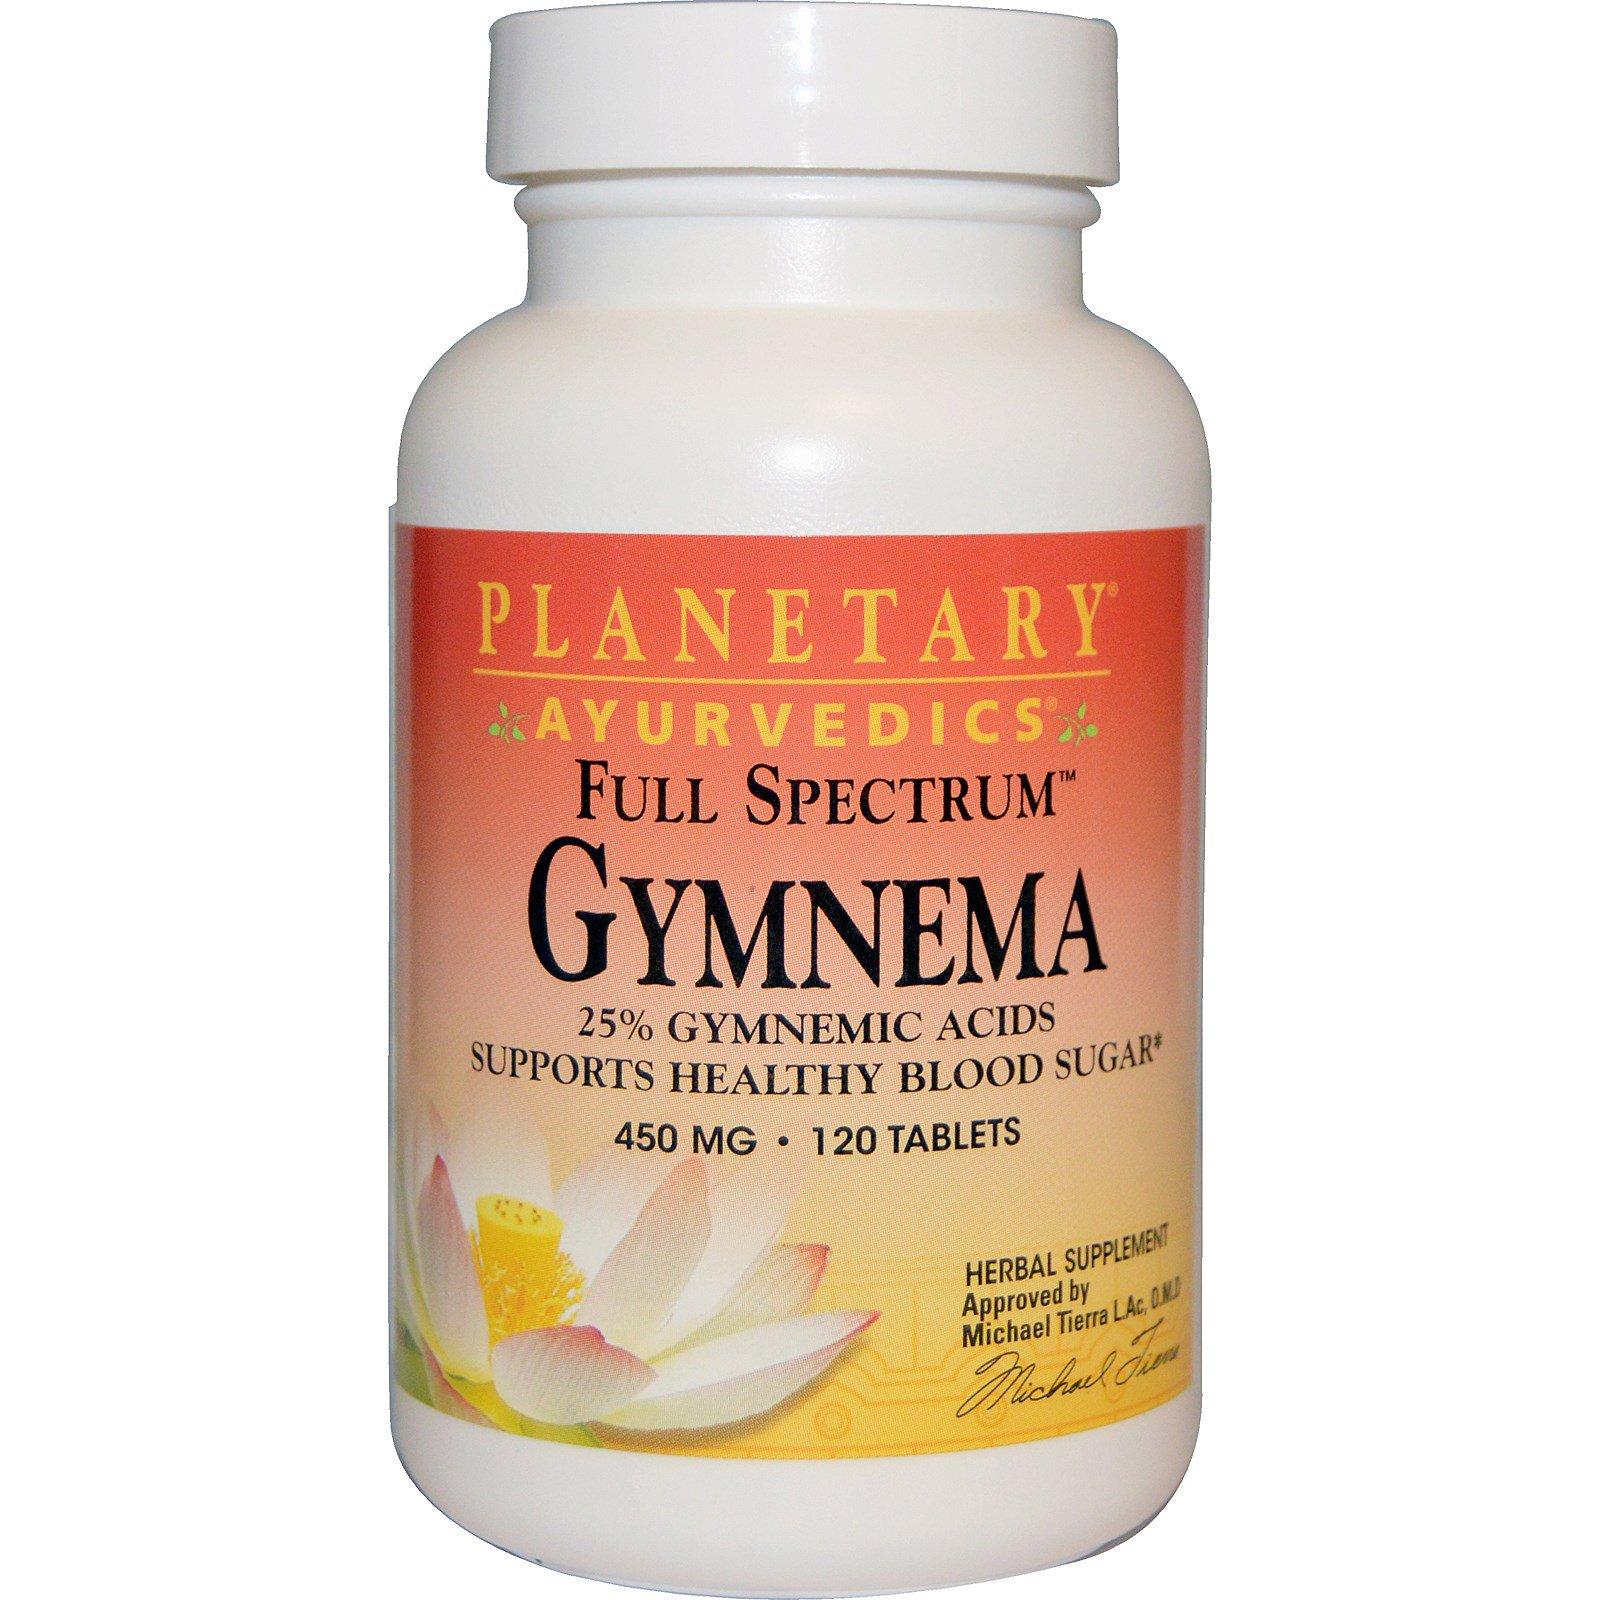 Planetary Herbals, Аюрведа, Полный спектр, Джимнема, 450 мг, 120 таблеток